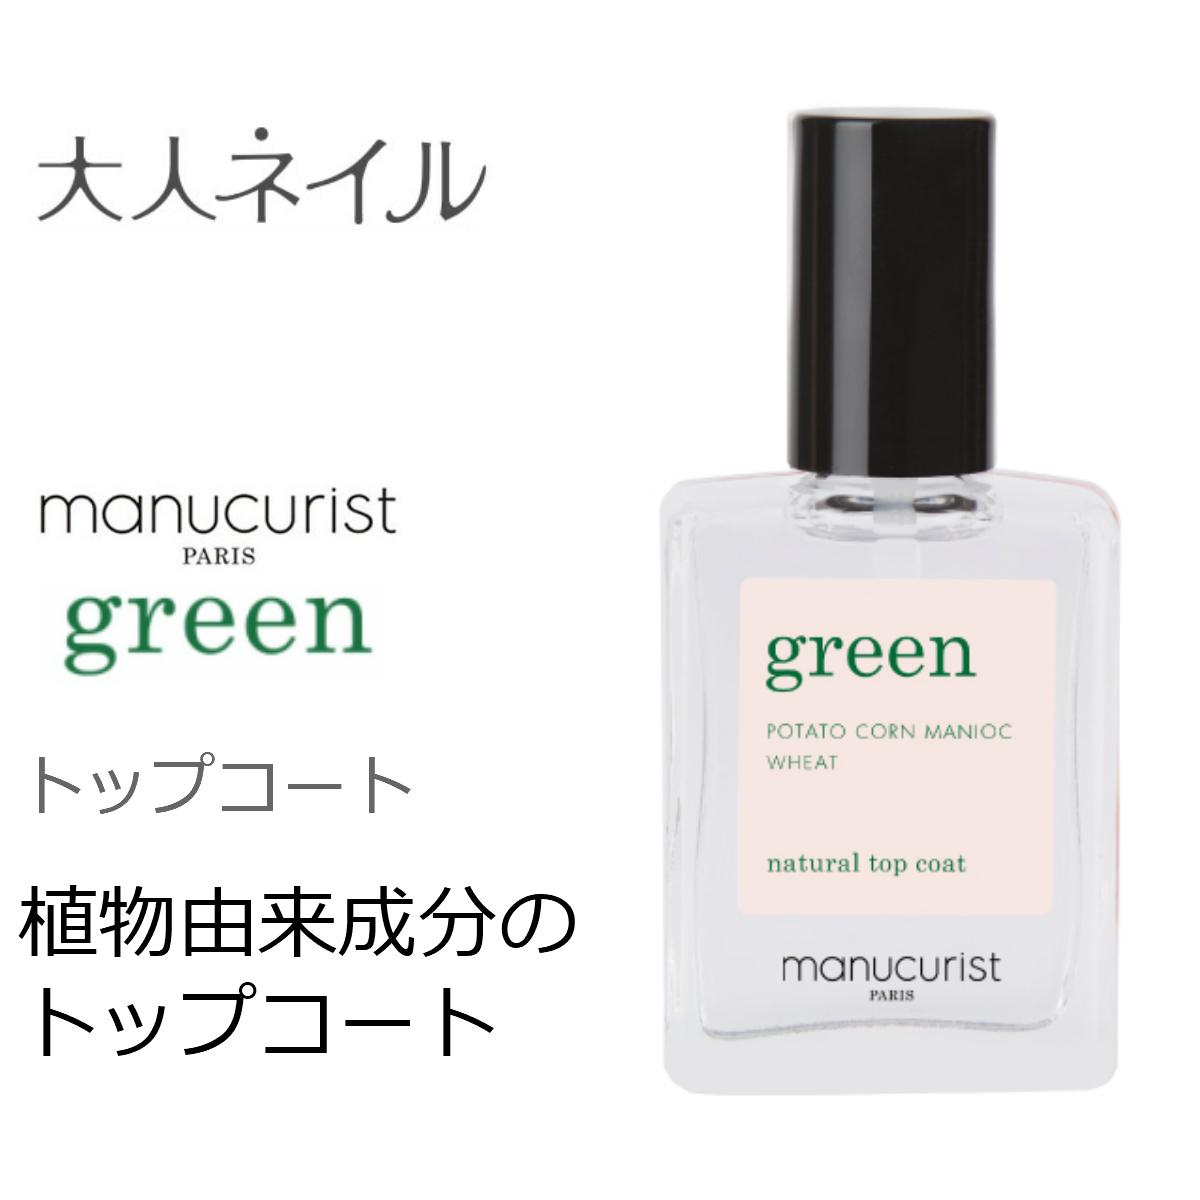 green グリーン ナチュラルトップコート 31501 15ml 爪にやさしい 長持ち 植物由来 検定